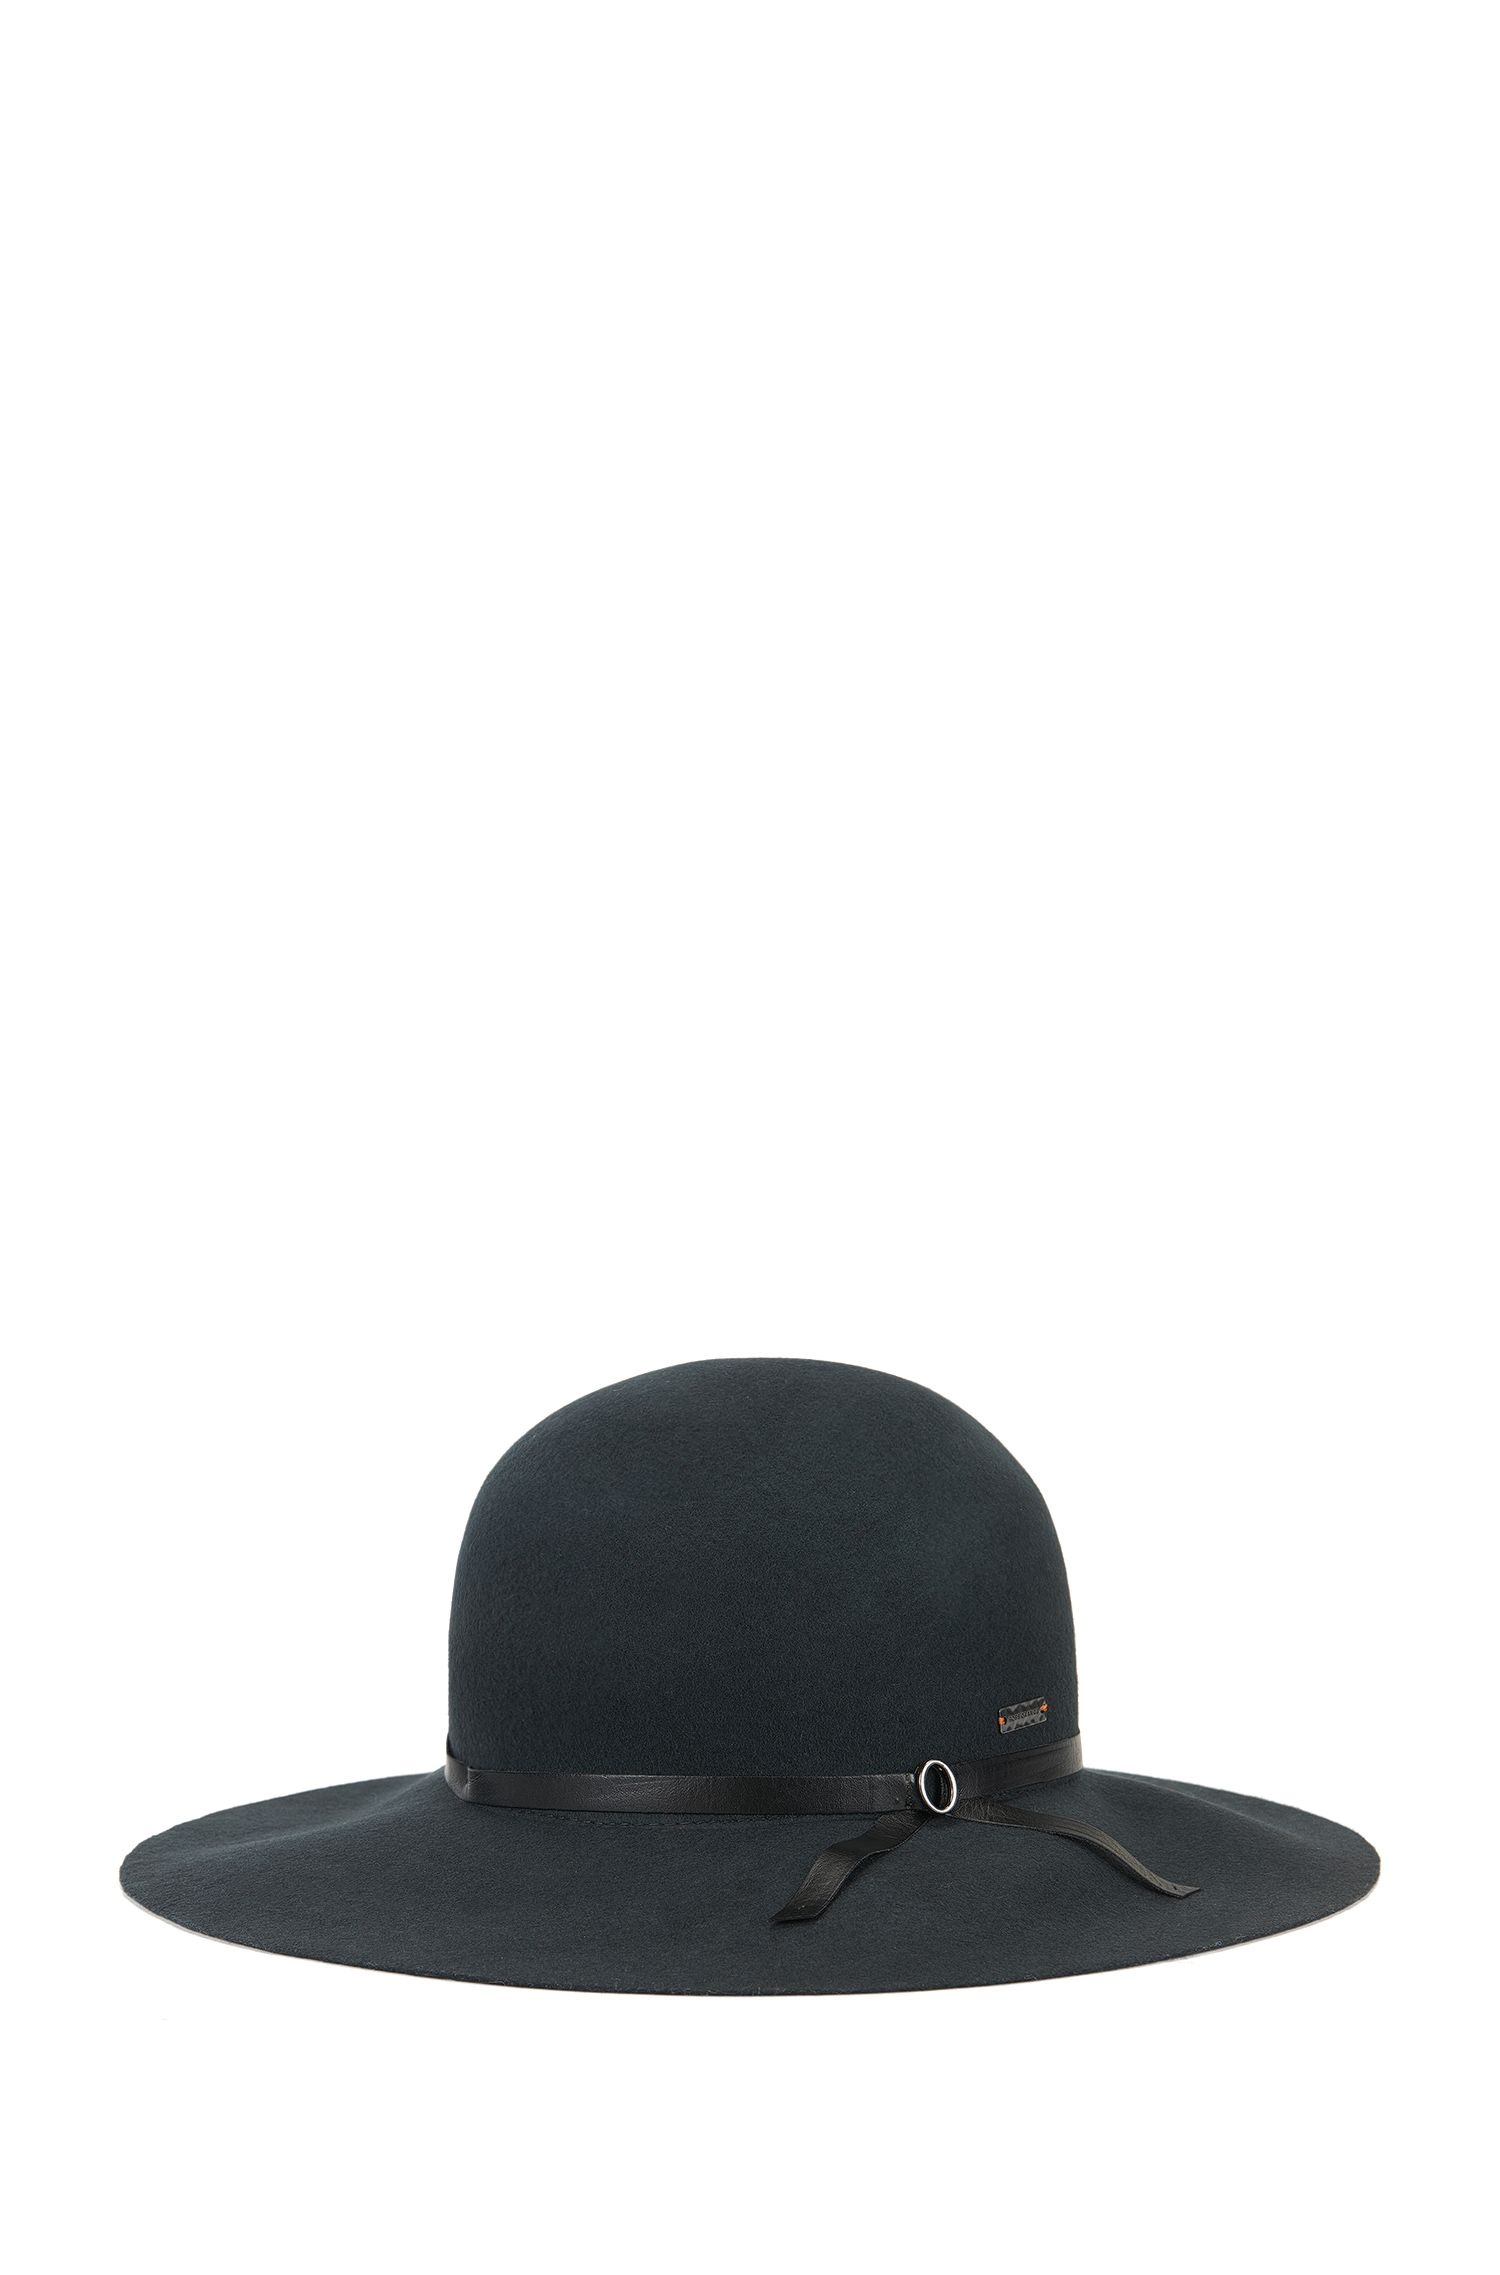 Sombrero de lana con ala ancha